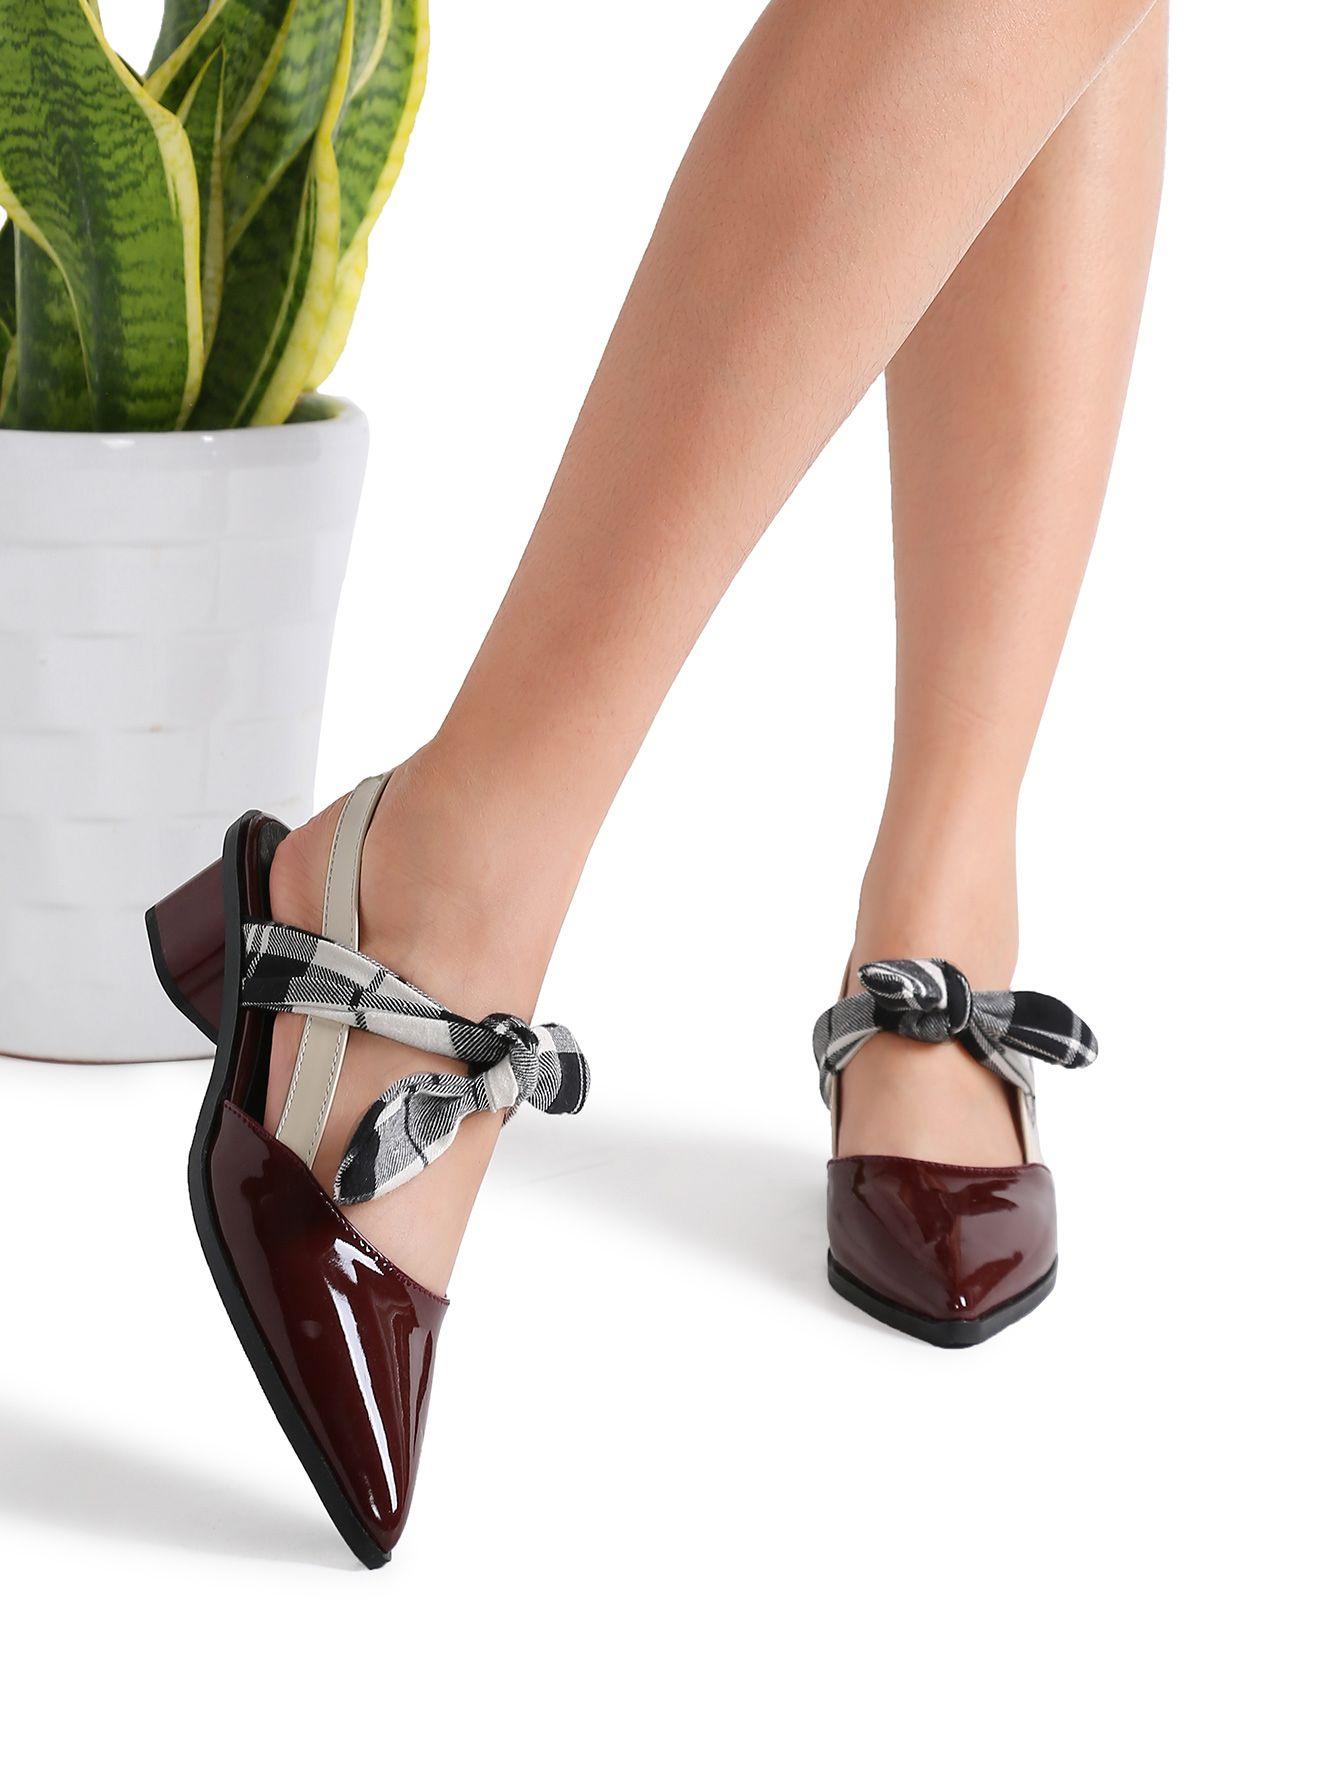 Tacones negros de punta estrecha con diseño de serpiente Zapatos sin cordones de mujer nS8nODDw